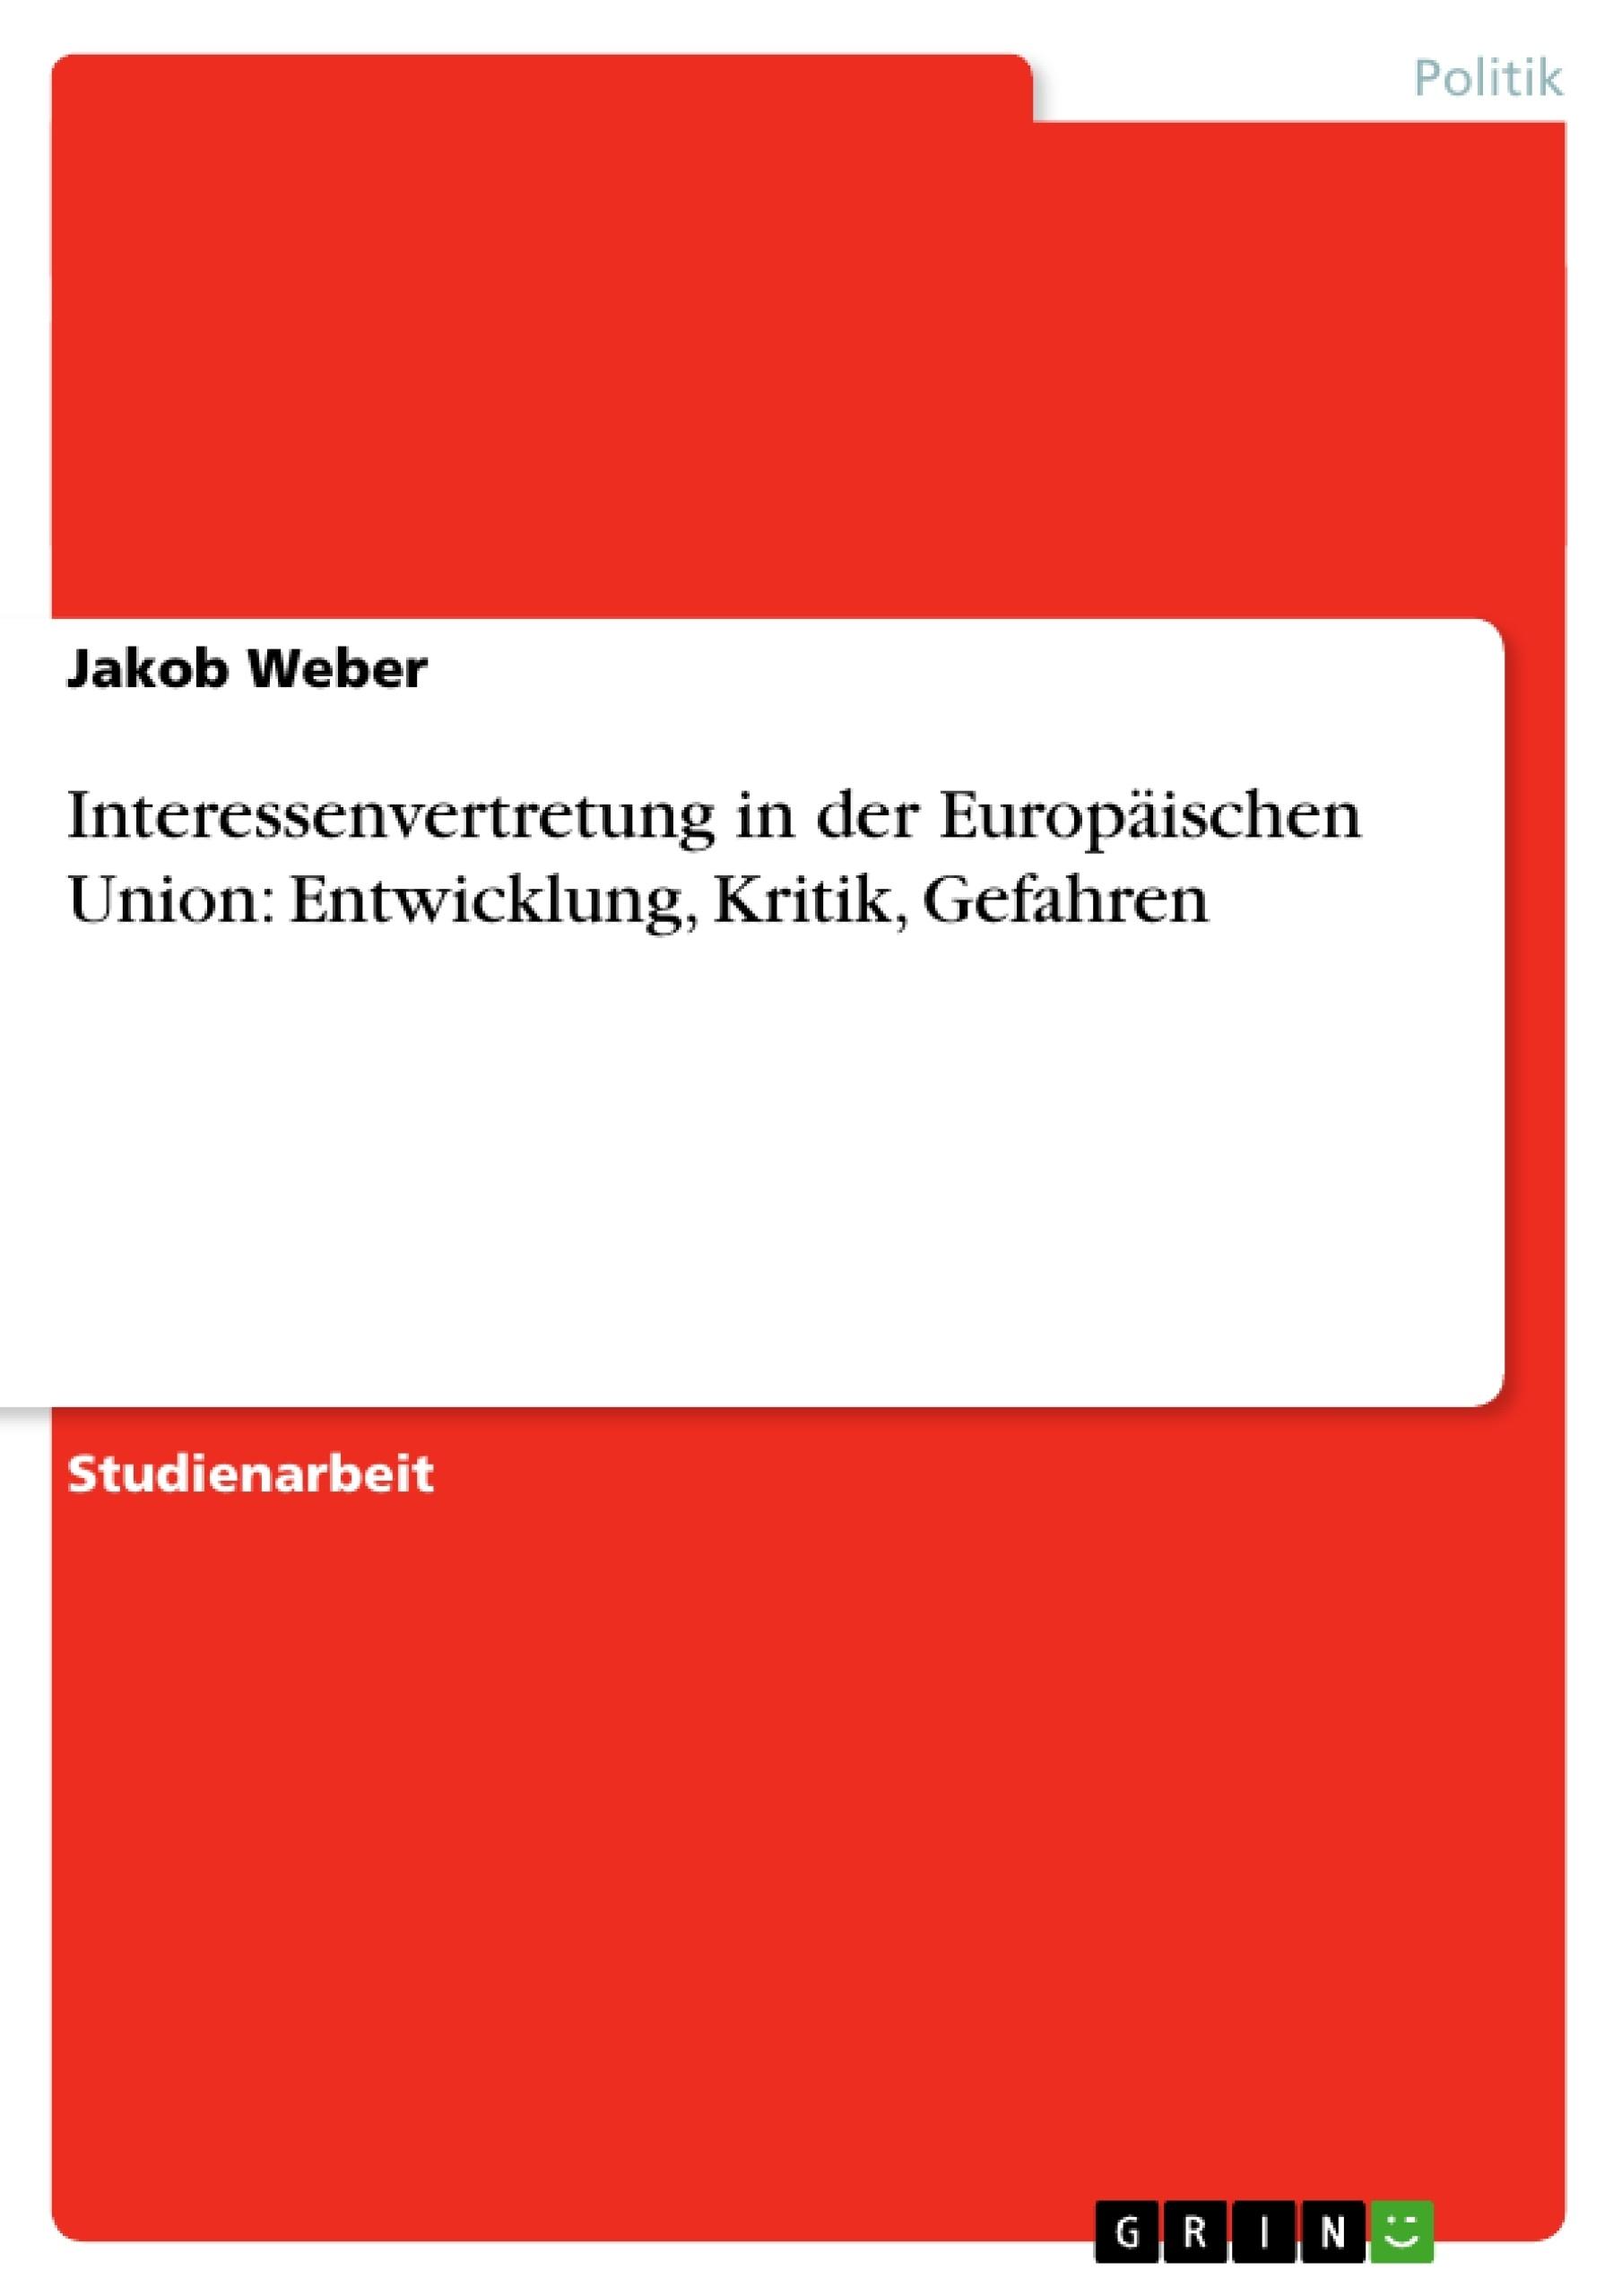 Titel: Interessenvertretung in der Europäischen Union: Entwicklung, Kritik, Gefahren